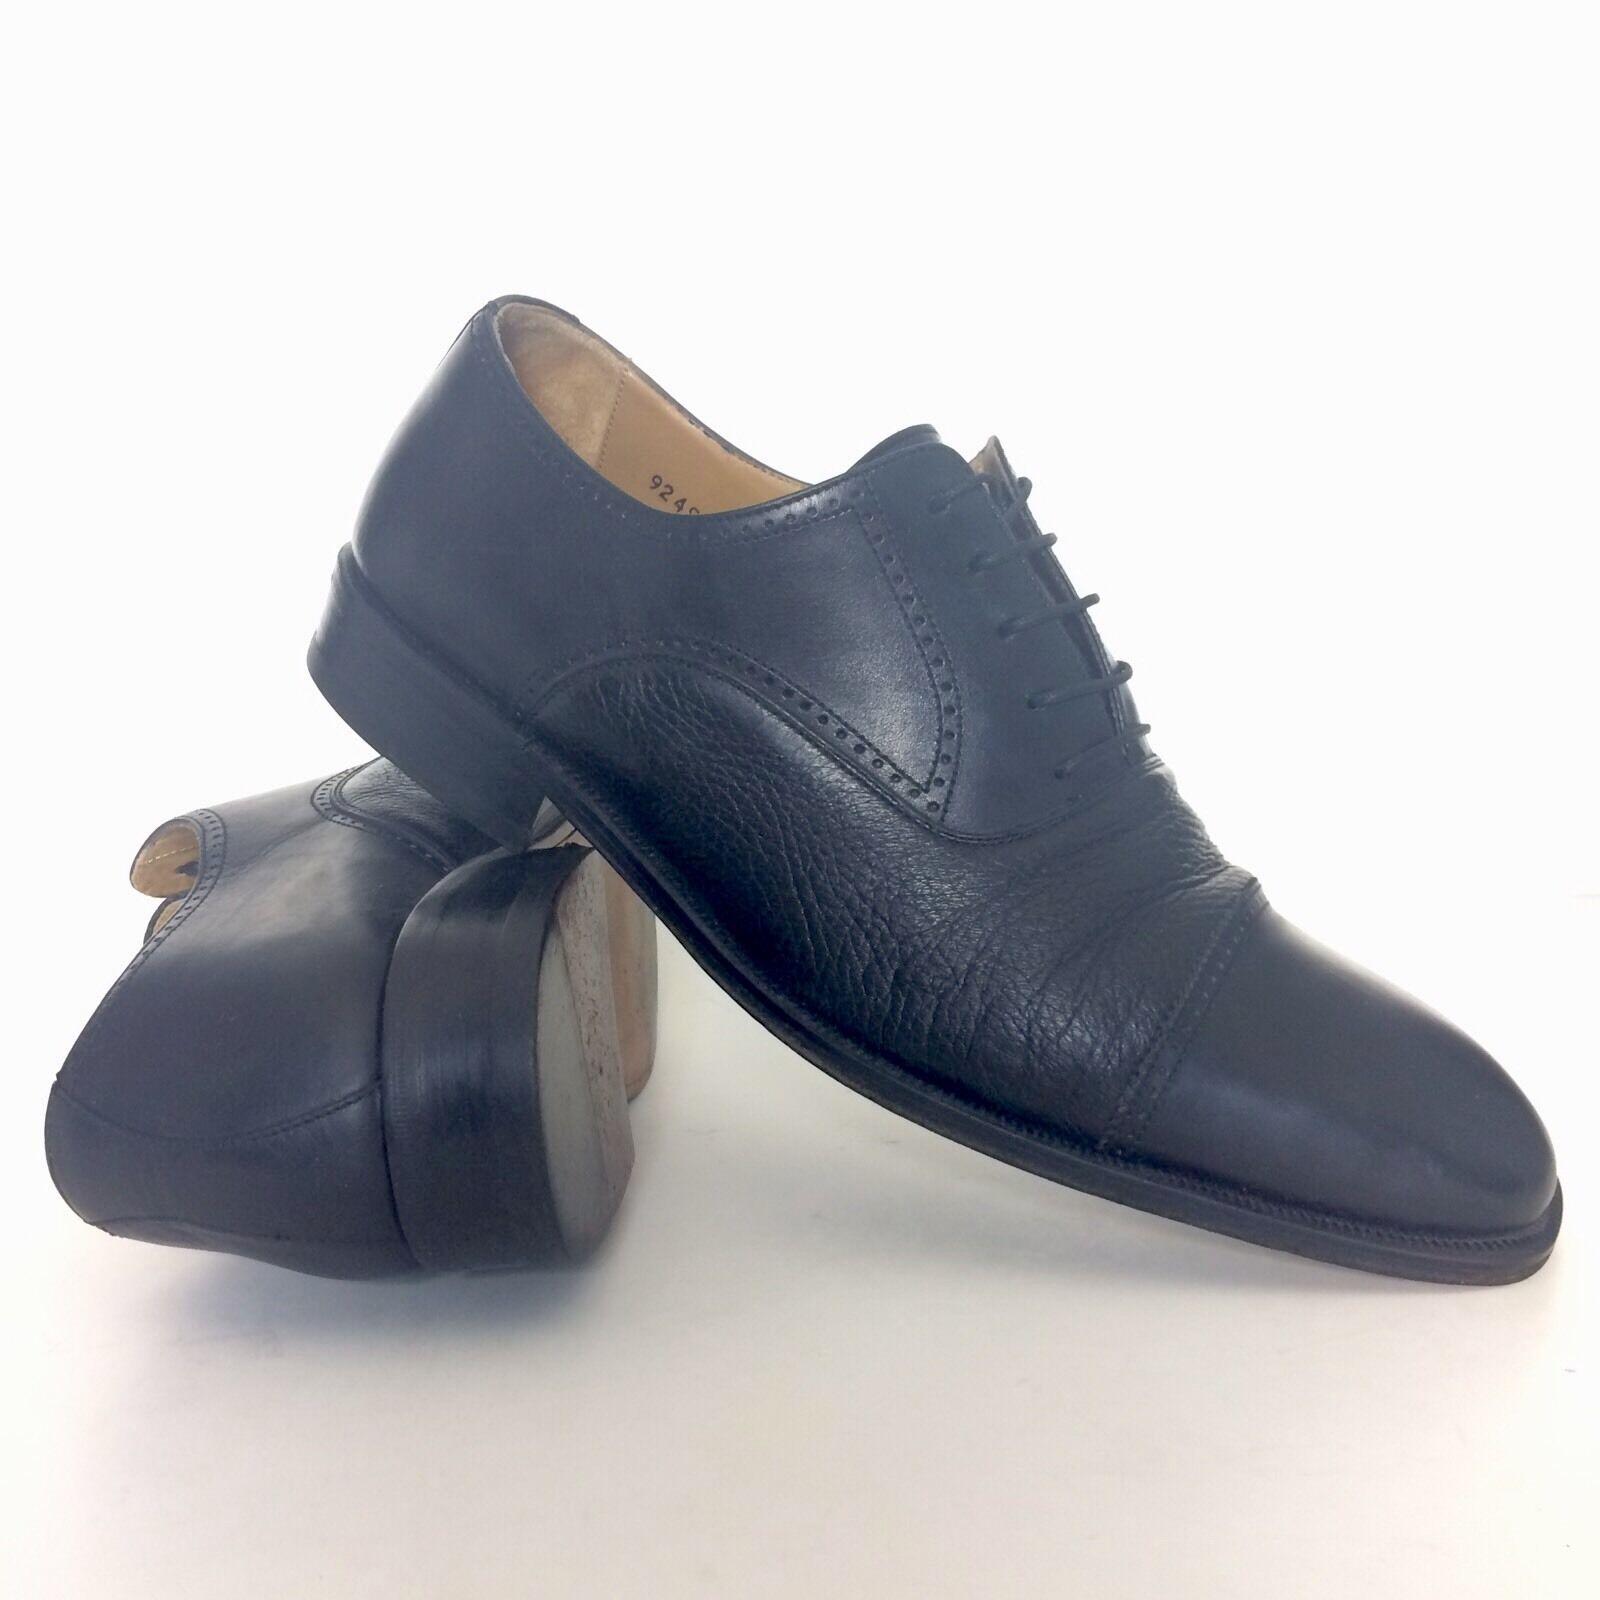 risposta prima volta Magnanni Magnanni Magnanni Uomo nero Leather Cap Toe scarpe Dimensione 11.5 Lace Up Oxfords EUR 45.5  consegna lampo